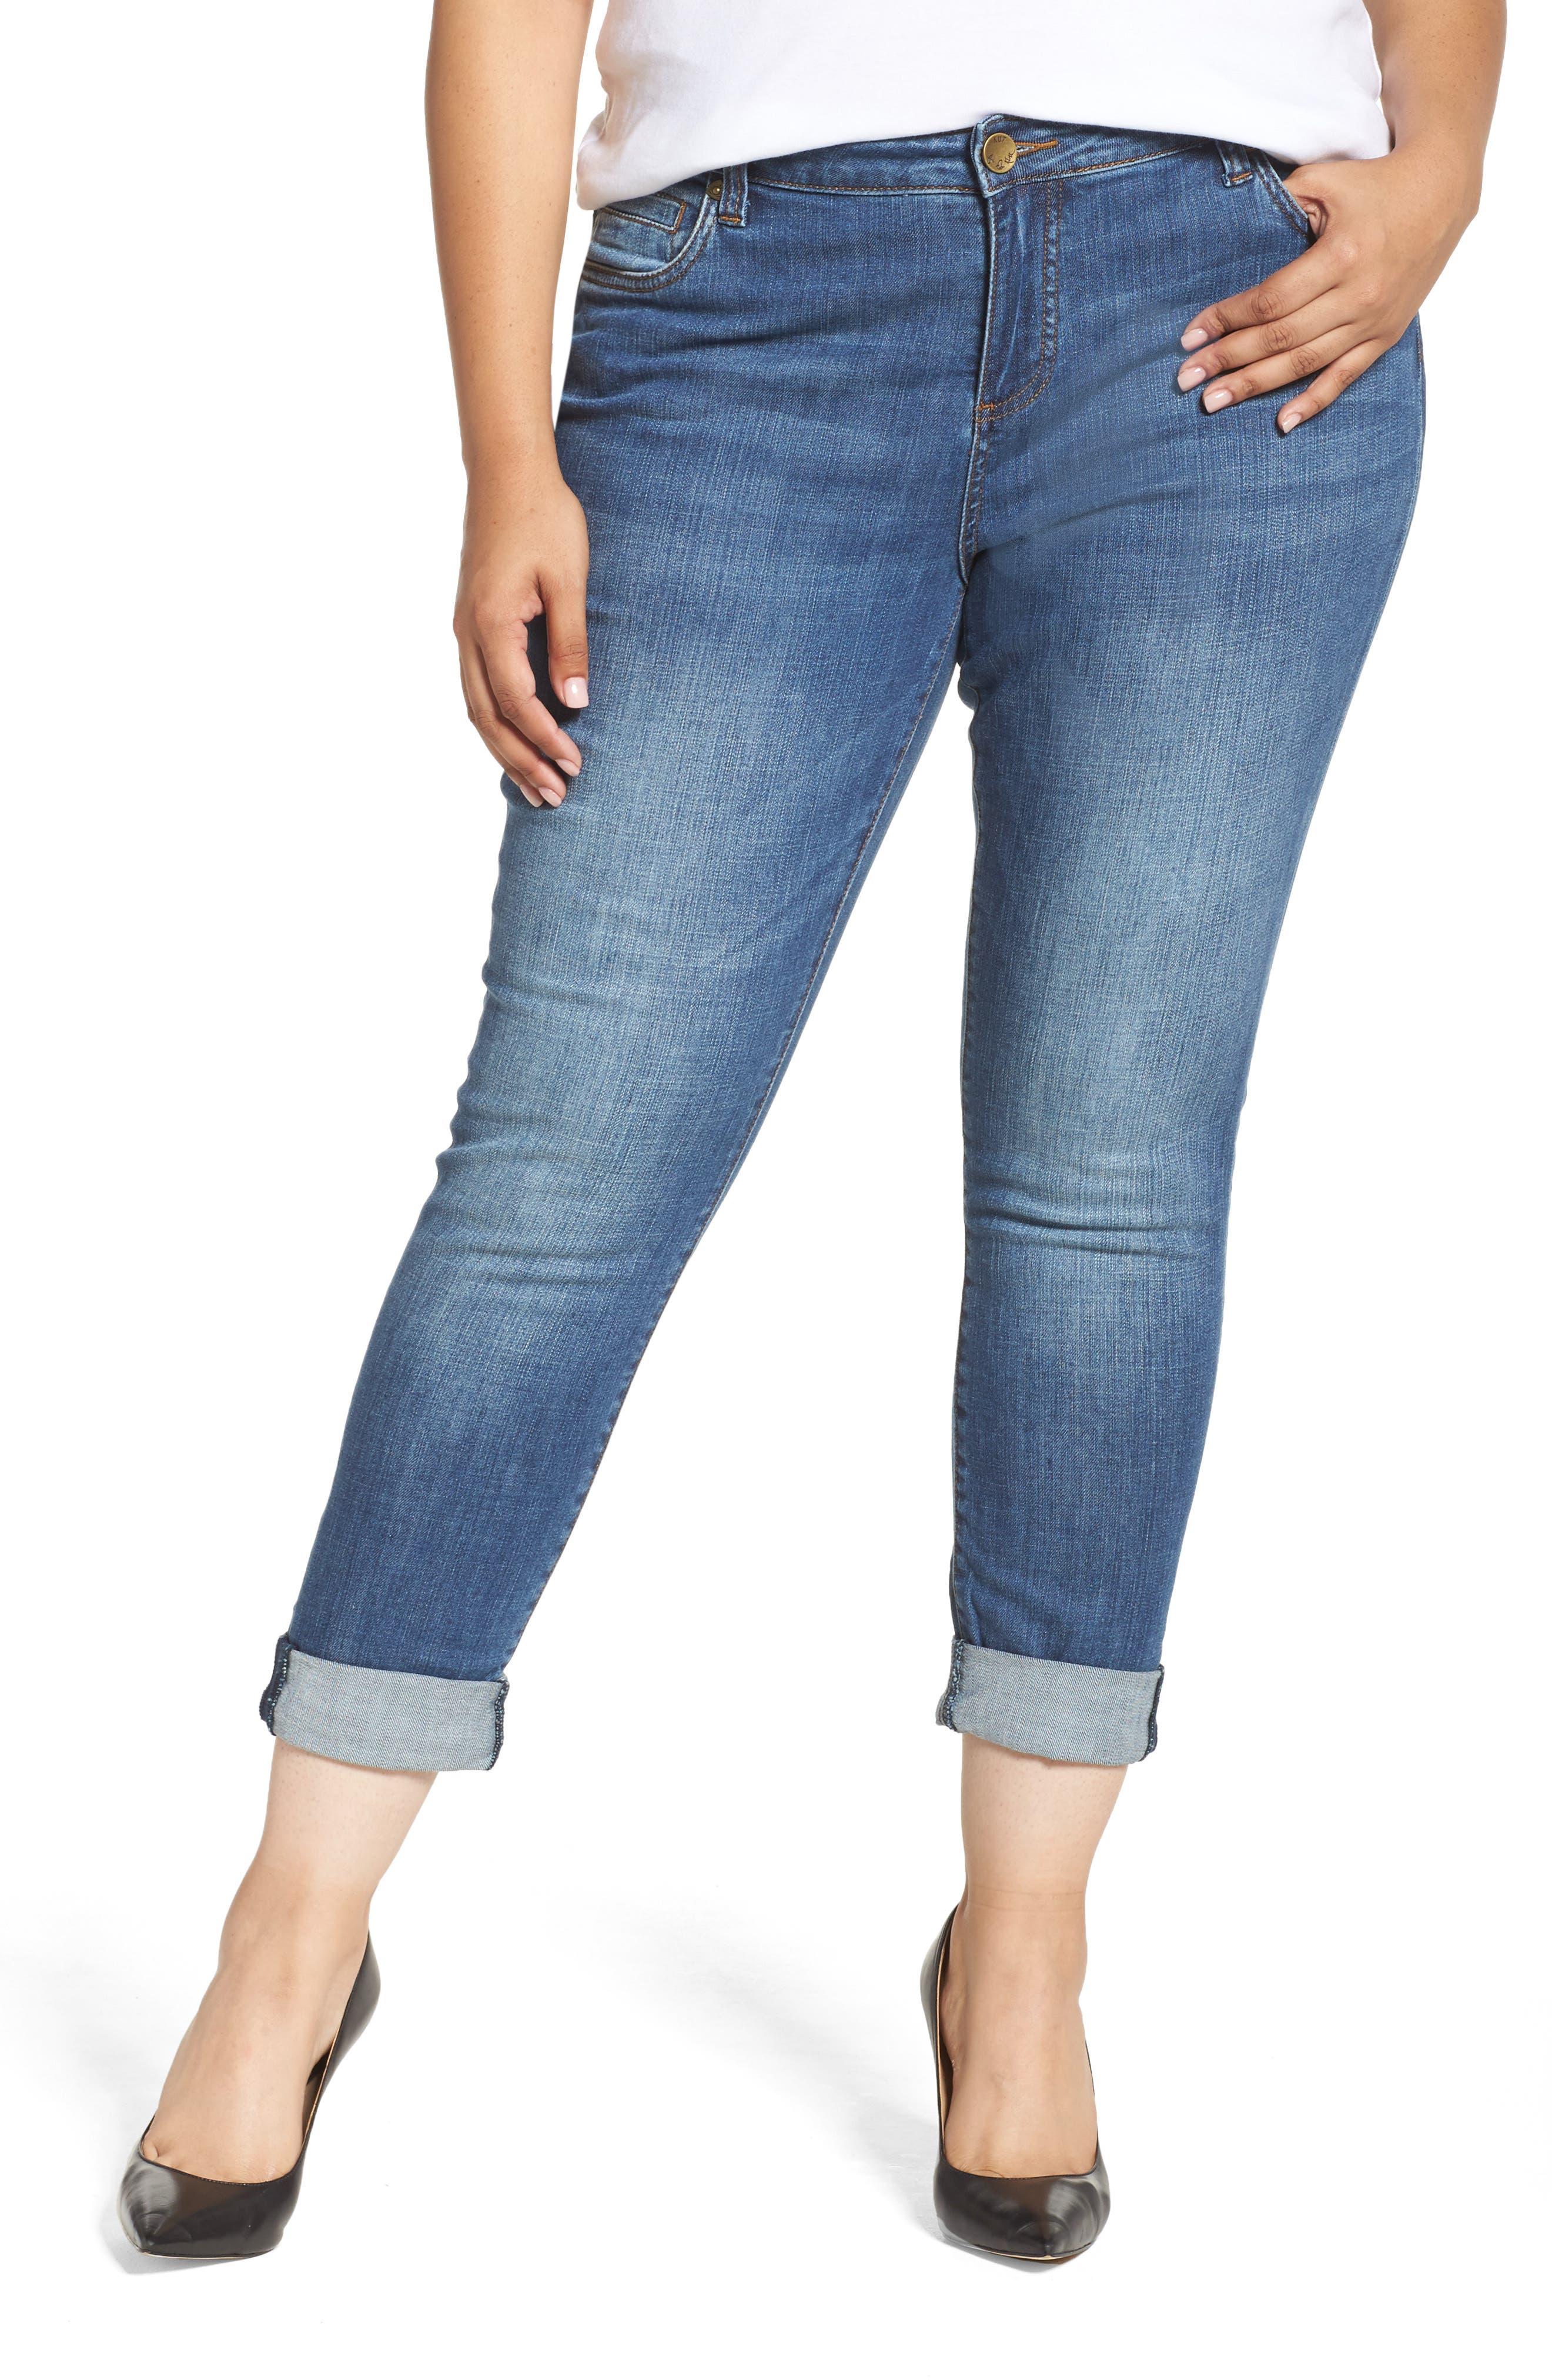 Catherine Boyfriend Jeans,                         Main,                         color, Fervent W/ Antique Base Wash